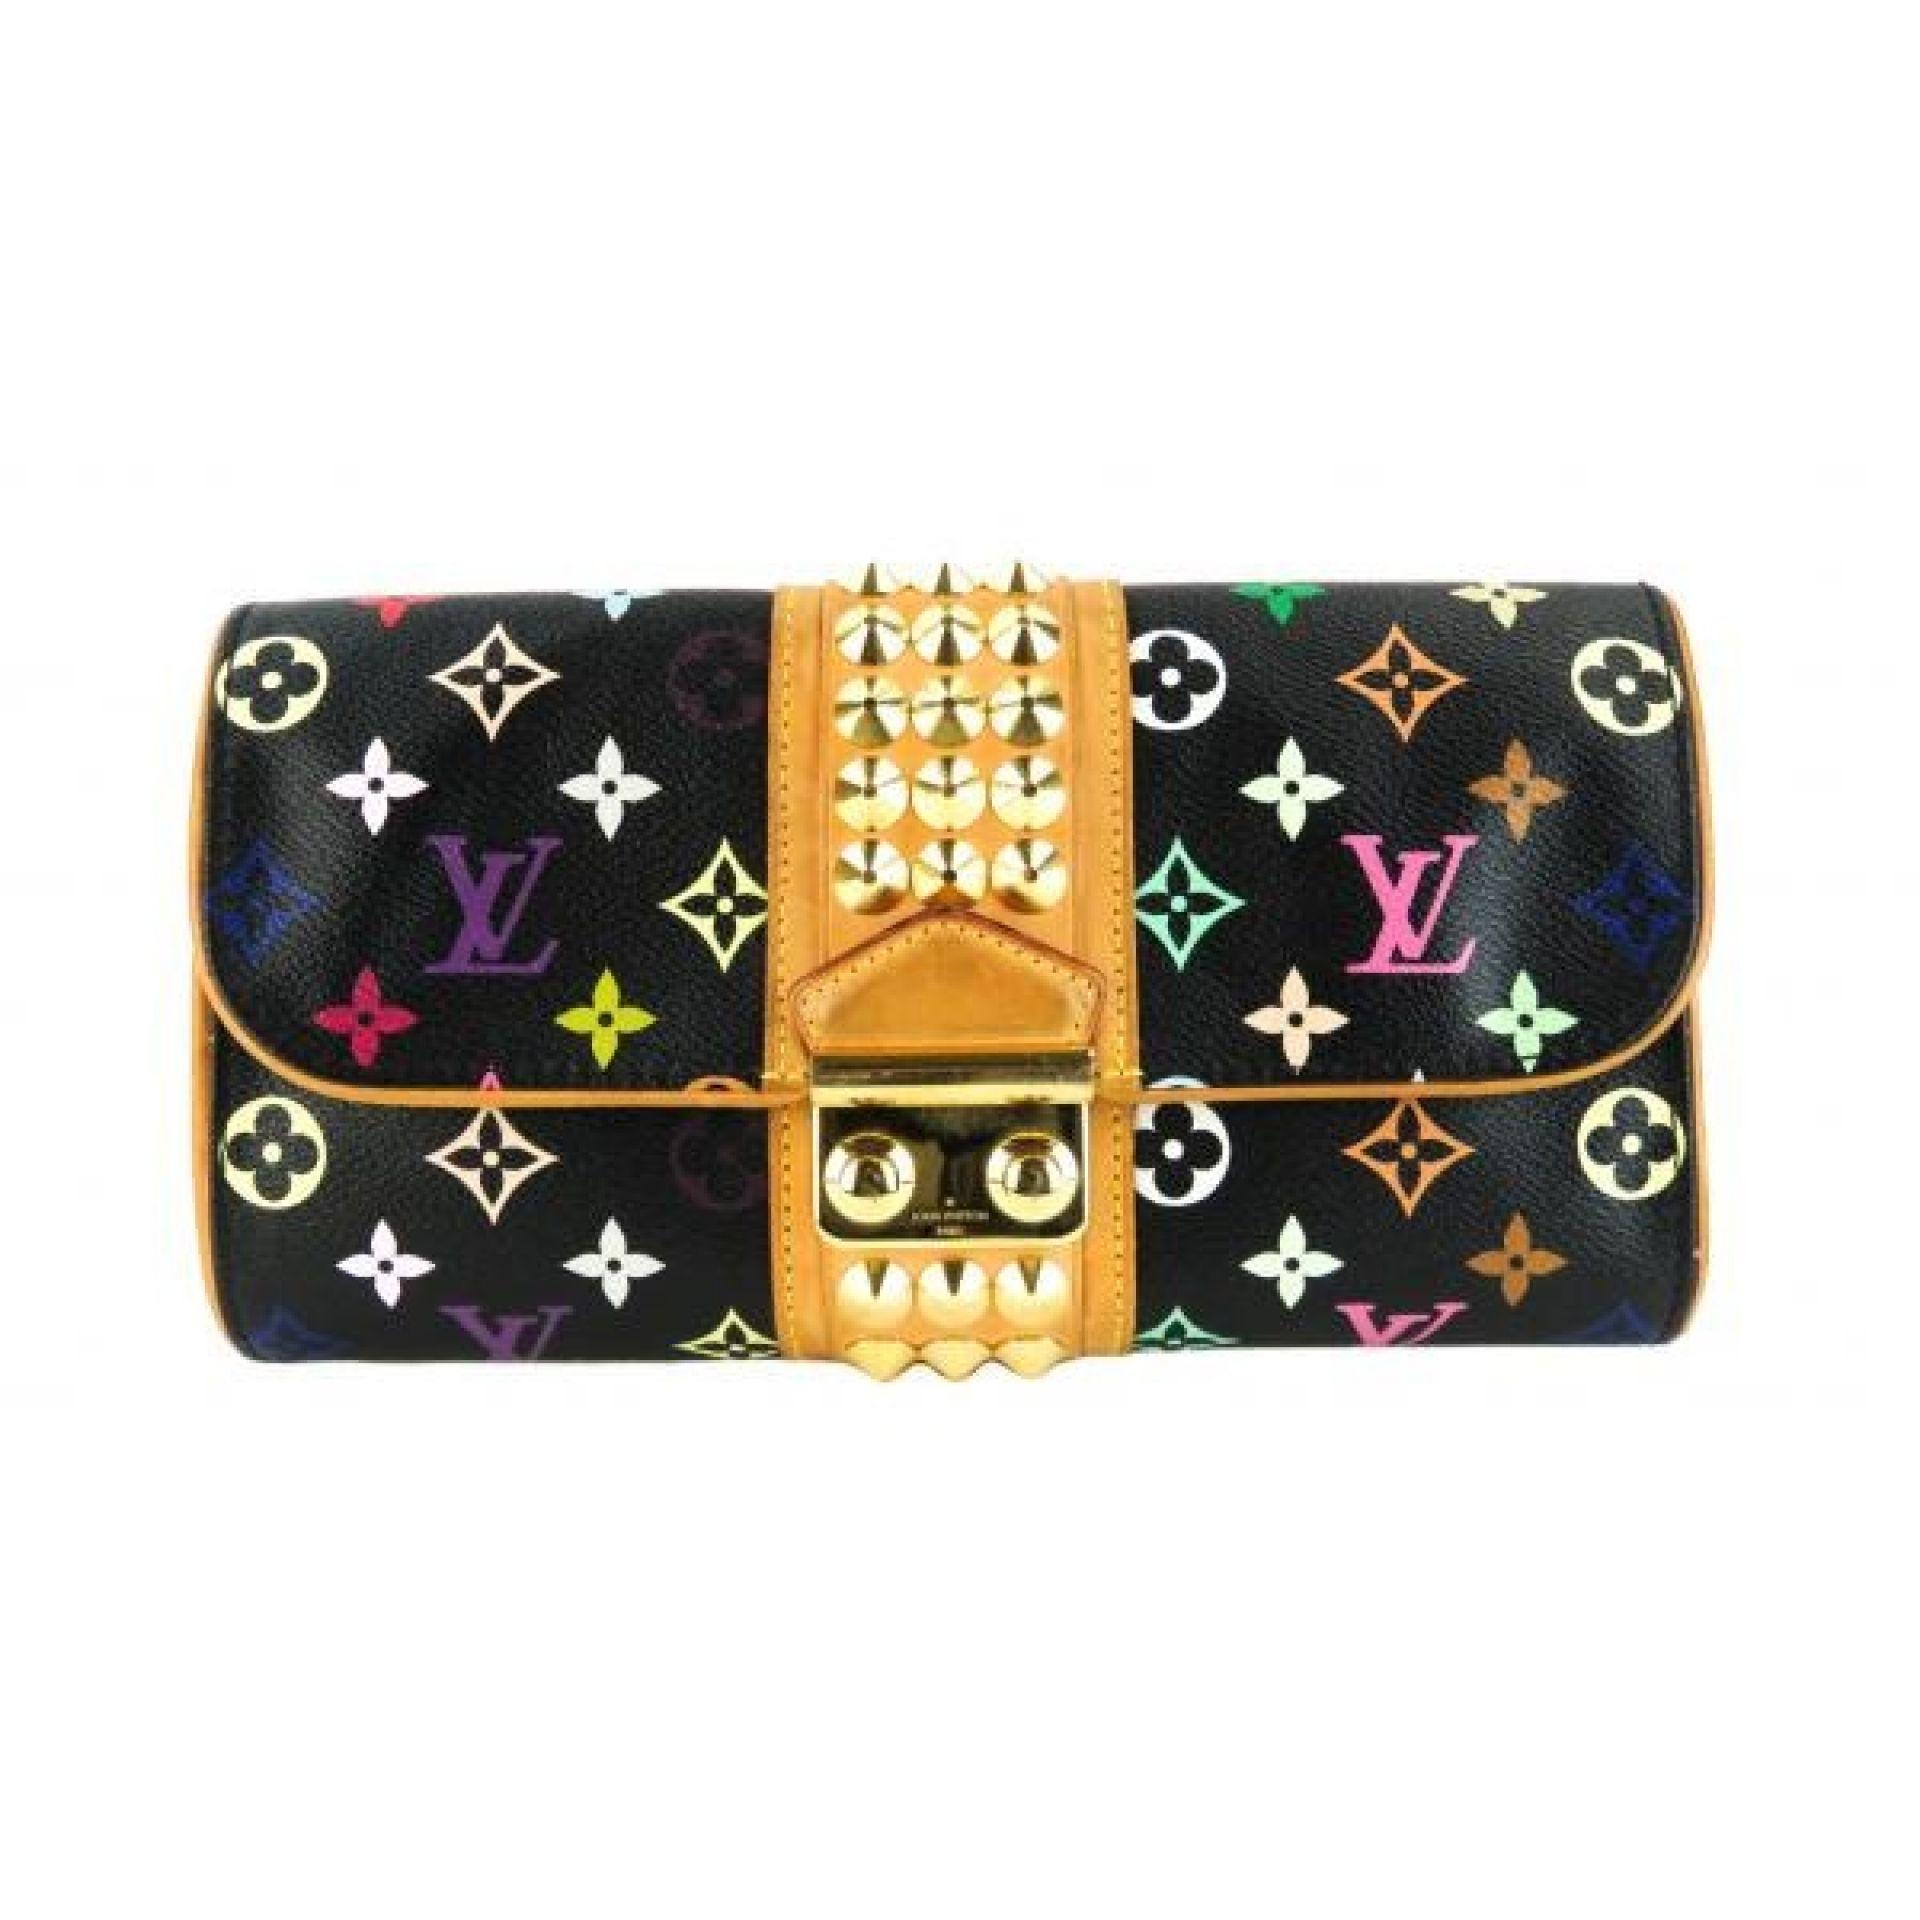 Louis Vuitton Black Multicolore Monogram Canvas Studded Courtney Clutch